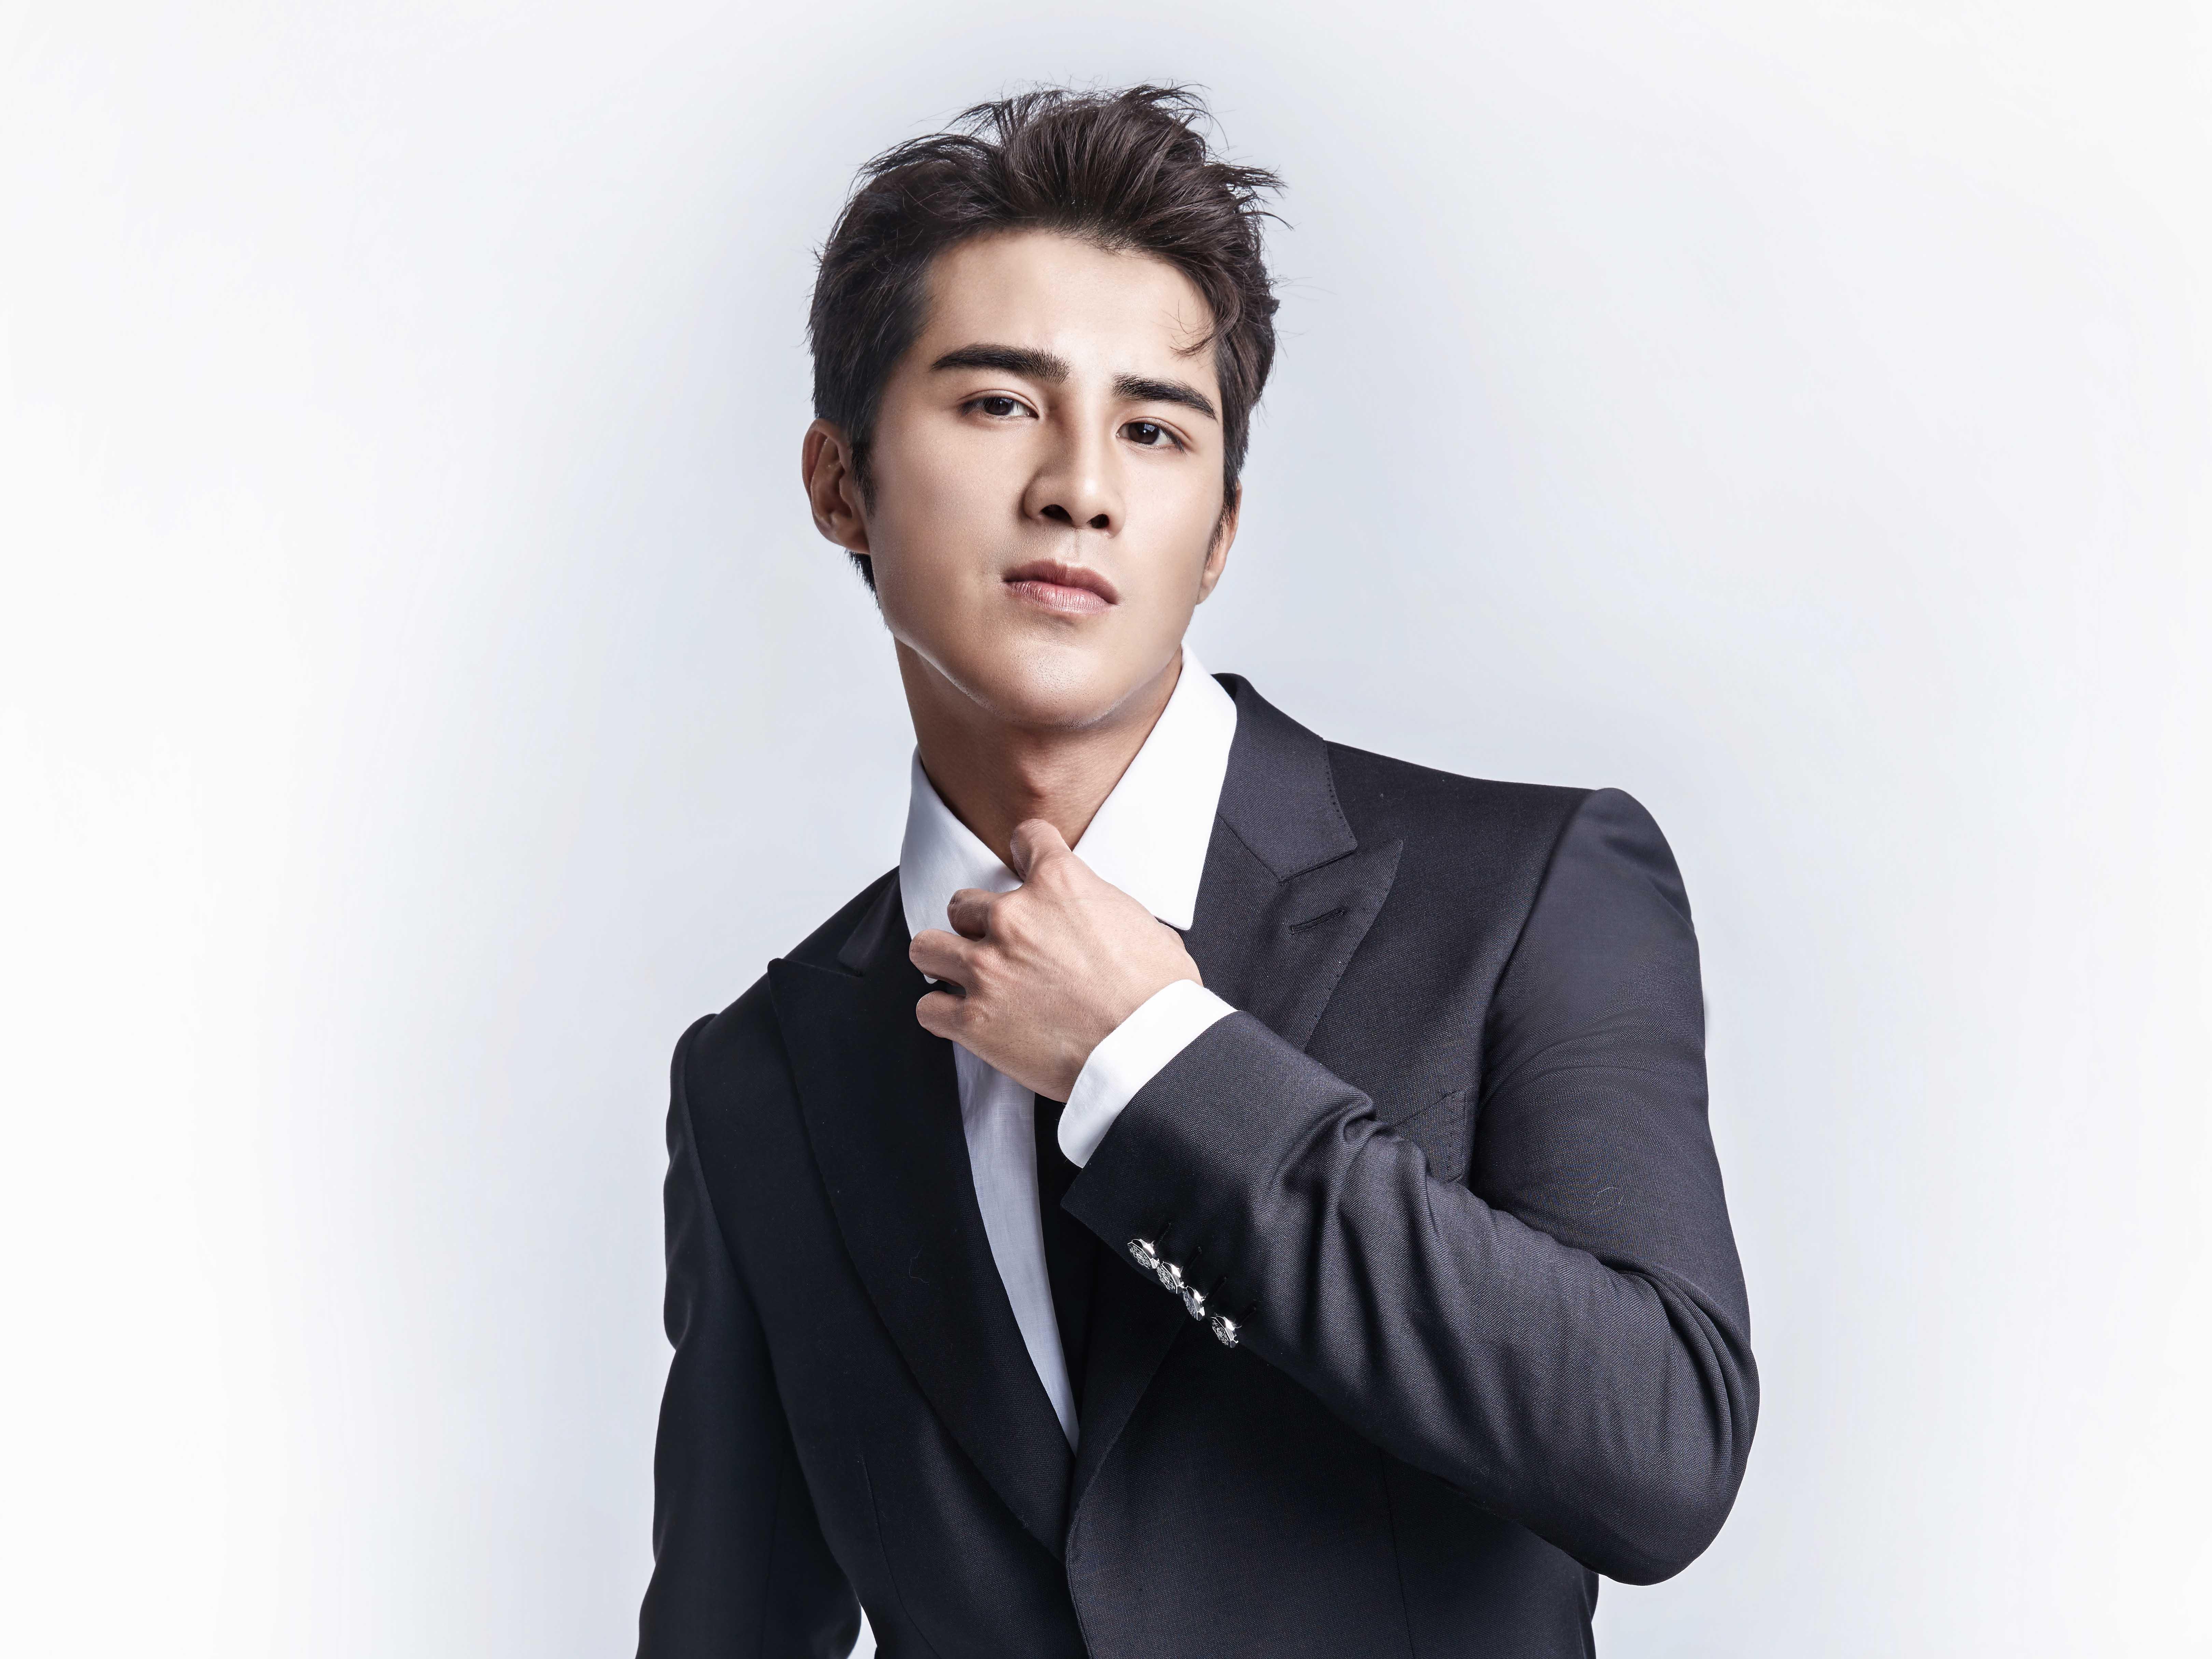 电影男演员_姜潮获亚洲新媒体电影节最受欢迎男演员提名